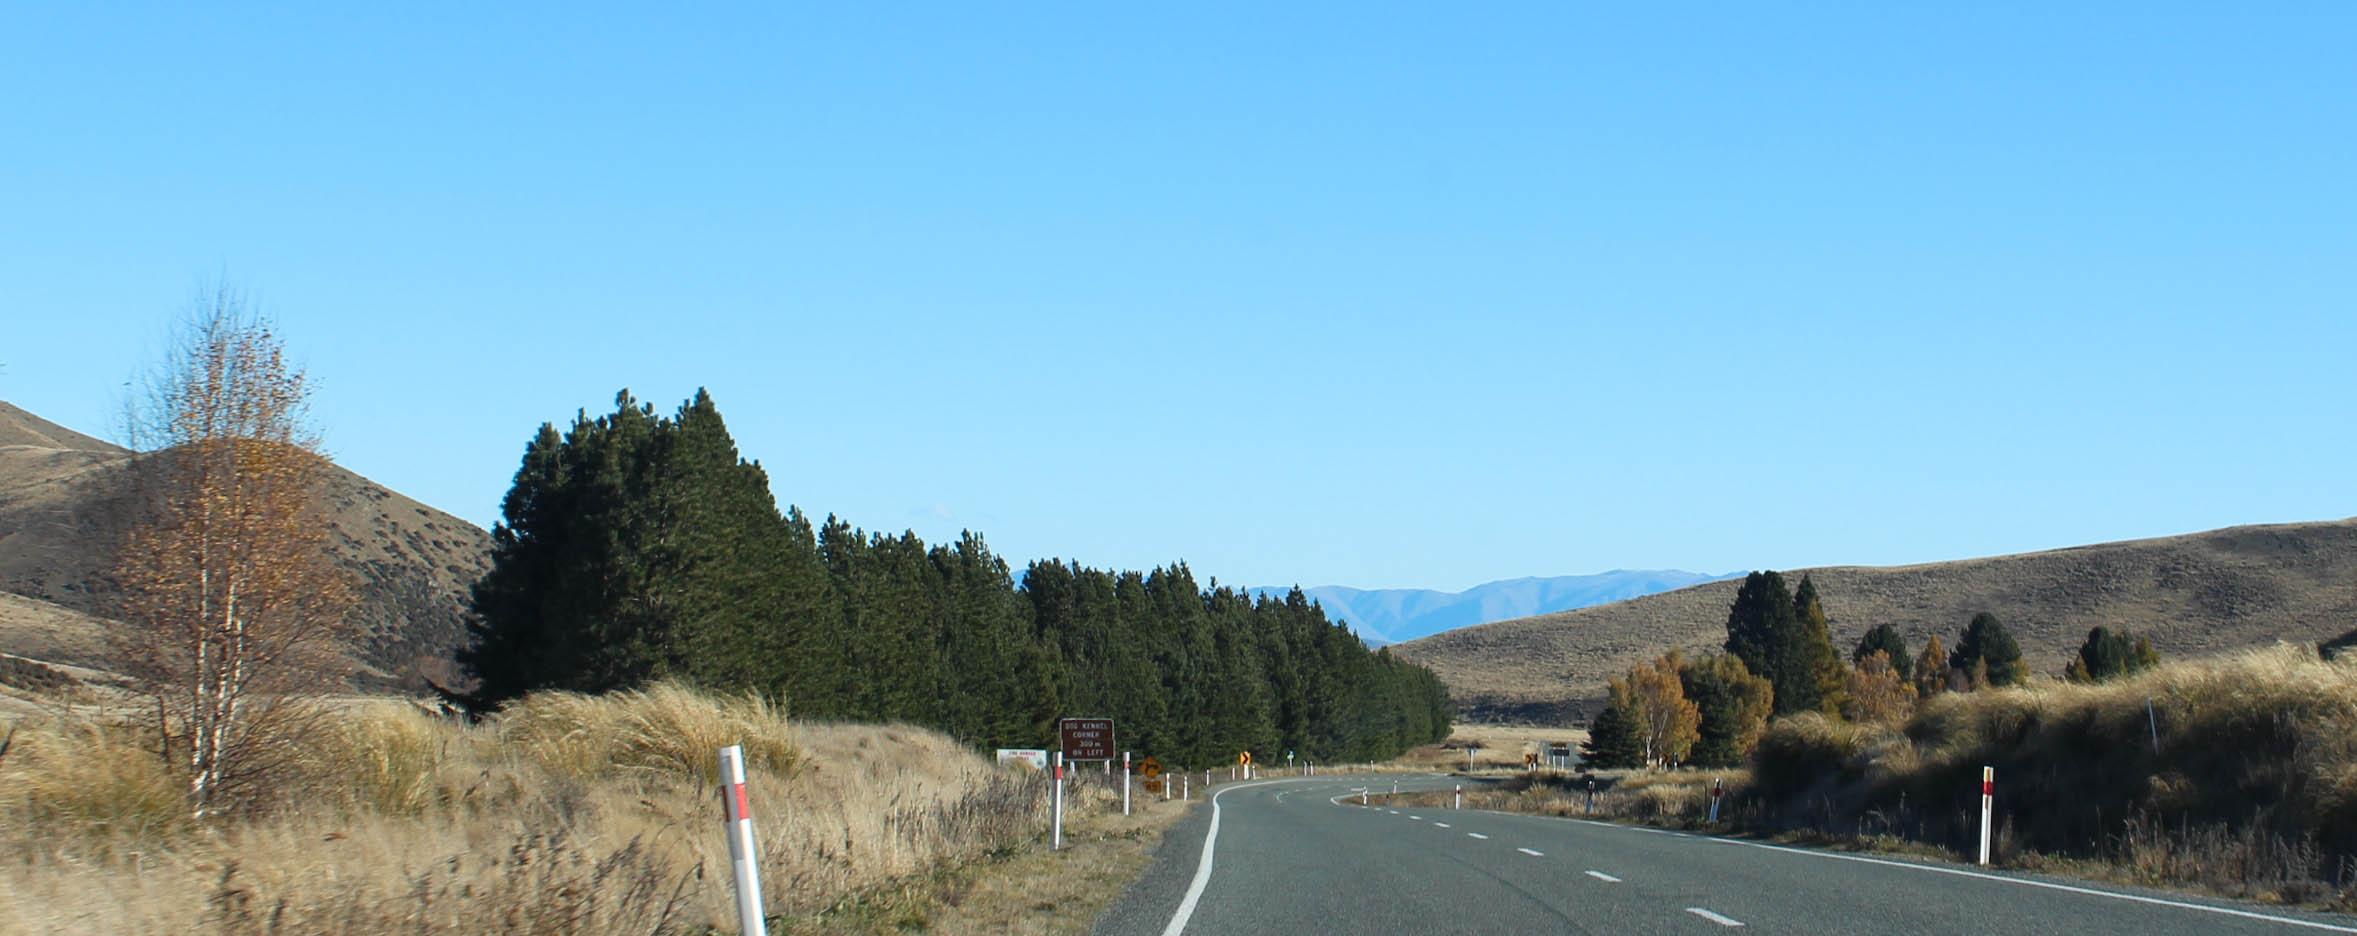 Nouvelle Zélande - Christchurch & twizel - les lubies de louise (10 sur 49)